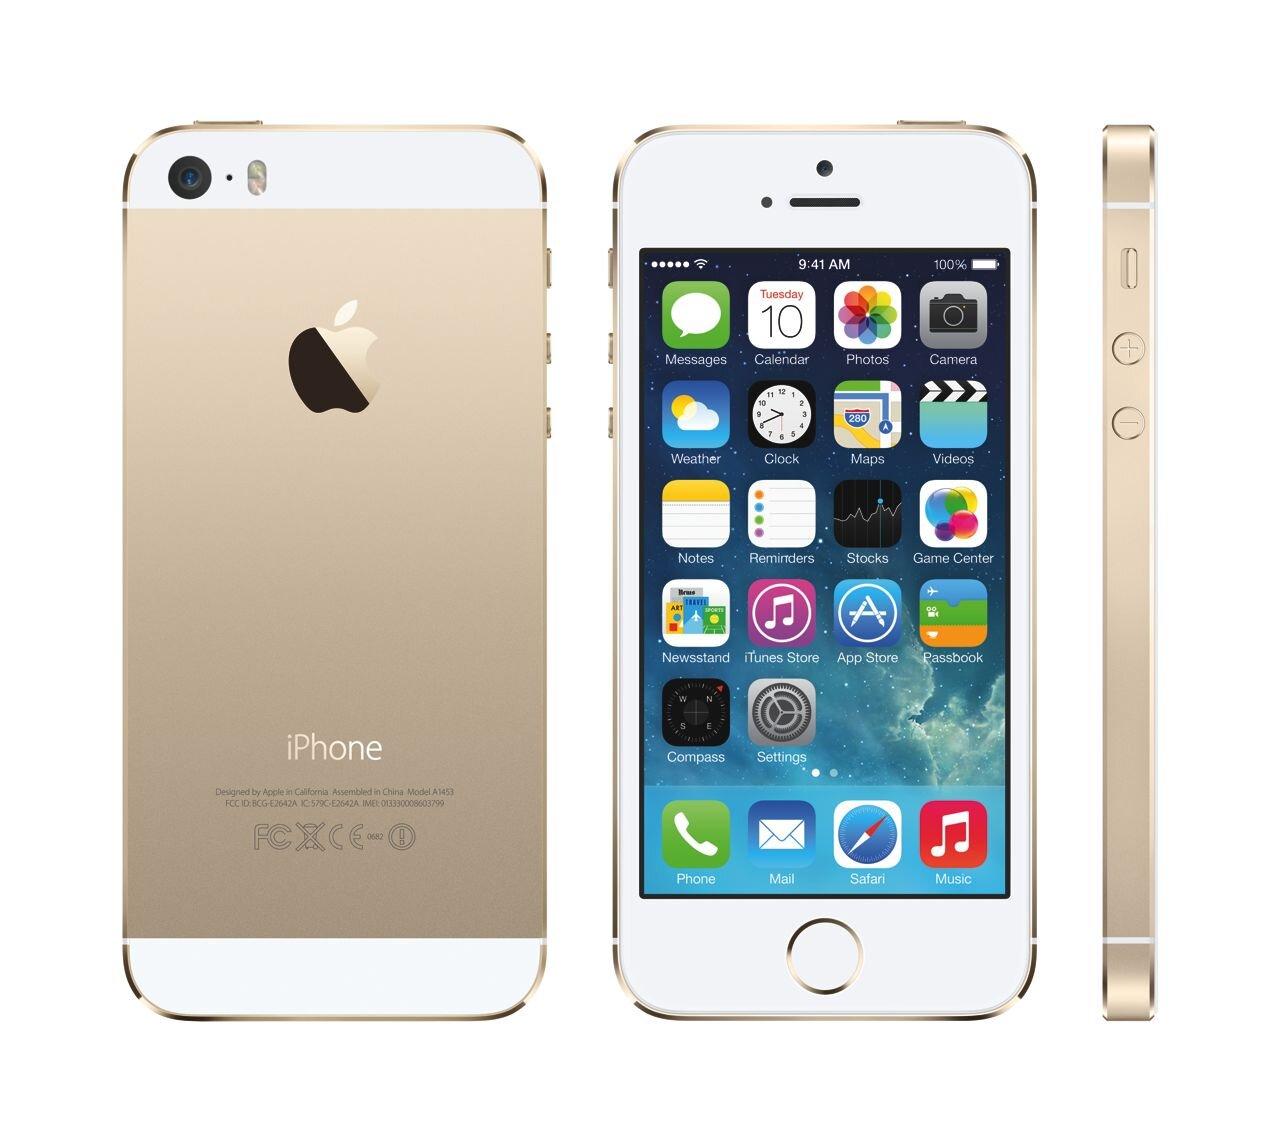 Điện thoại Apple iPhone 5s - 16GB, Hàng cũ